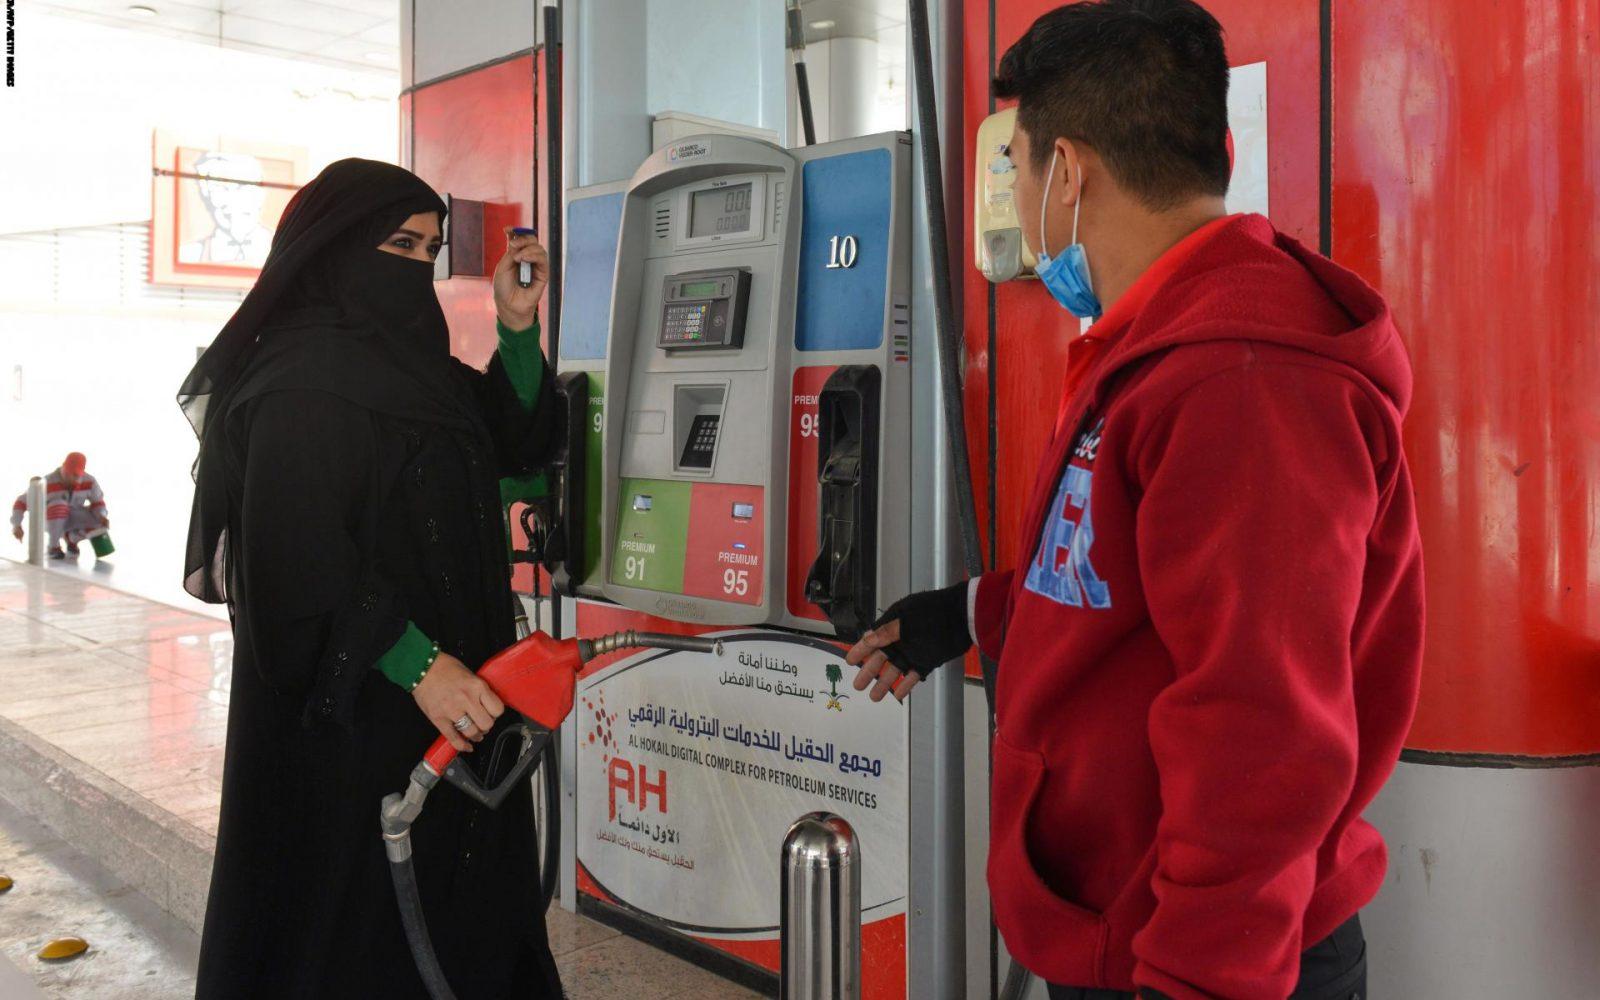 أسعار البنزين الجديدة في السعودية والمتوقعة خلال فبراير 2021 بعد ارتفاع أسعار النفط لأعلى مستوى لها منذ عام 3